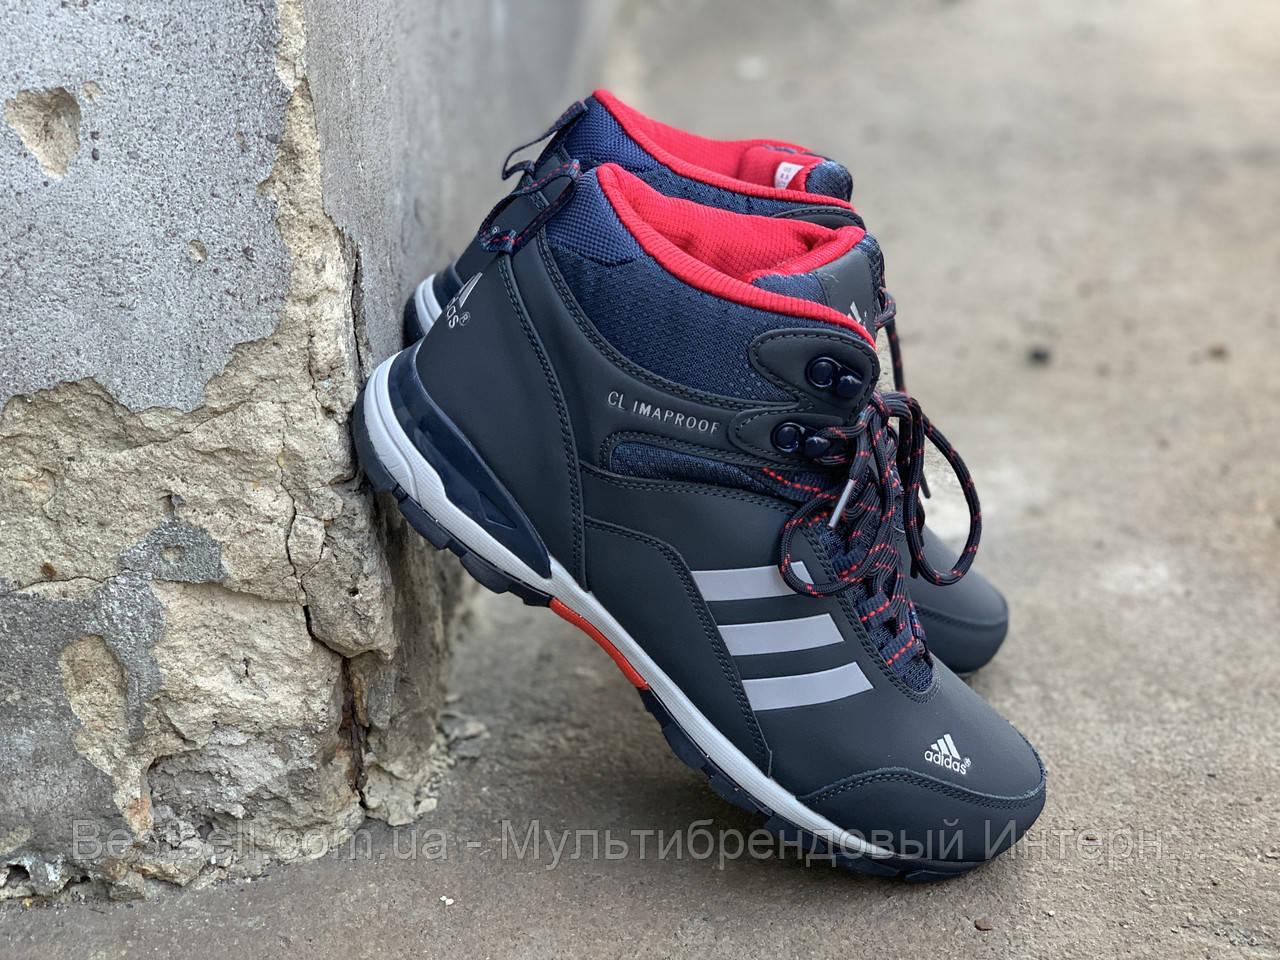 Зимові черевики (на хутрі) Adidas Climaproof 3-072 ⏩ [ 41 останній розмір ]